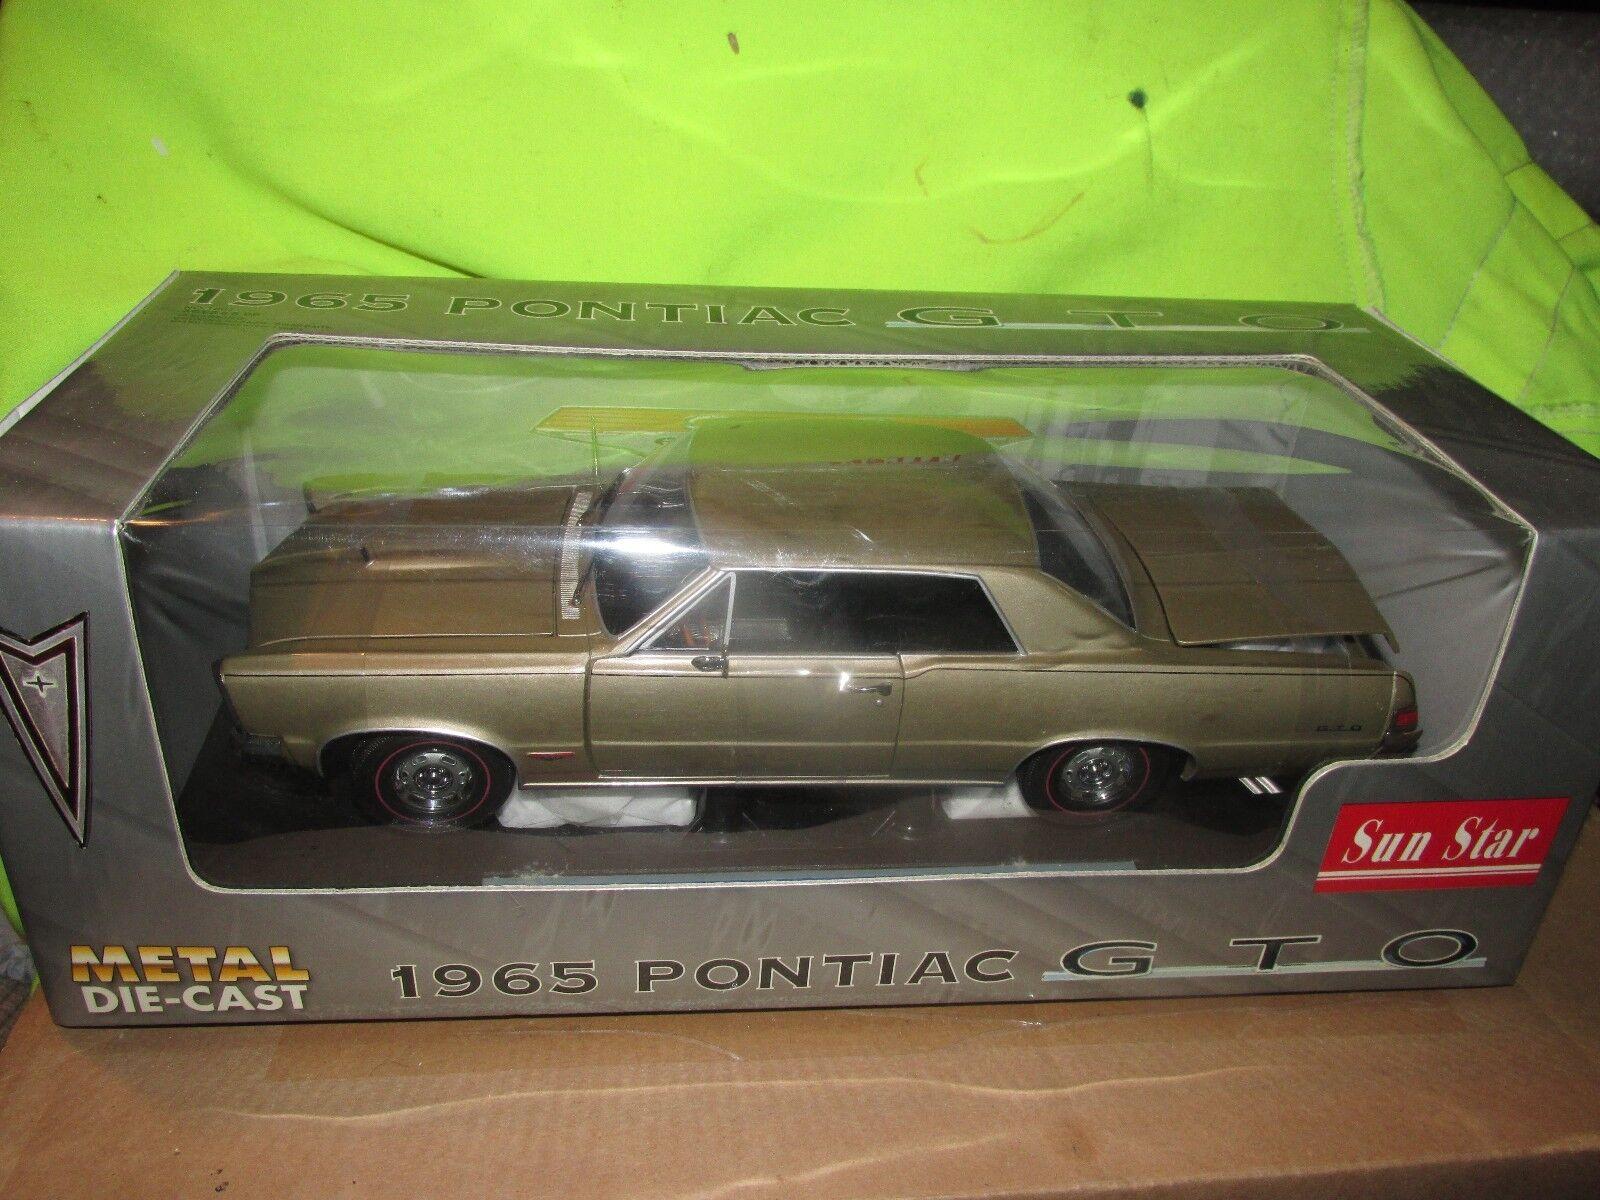 1965 Pontiac 65 GTO 2 dr Hardtop oro Sunstar Sunstar Sunstar 1 18 looks very good diecast 5af197